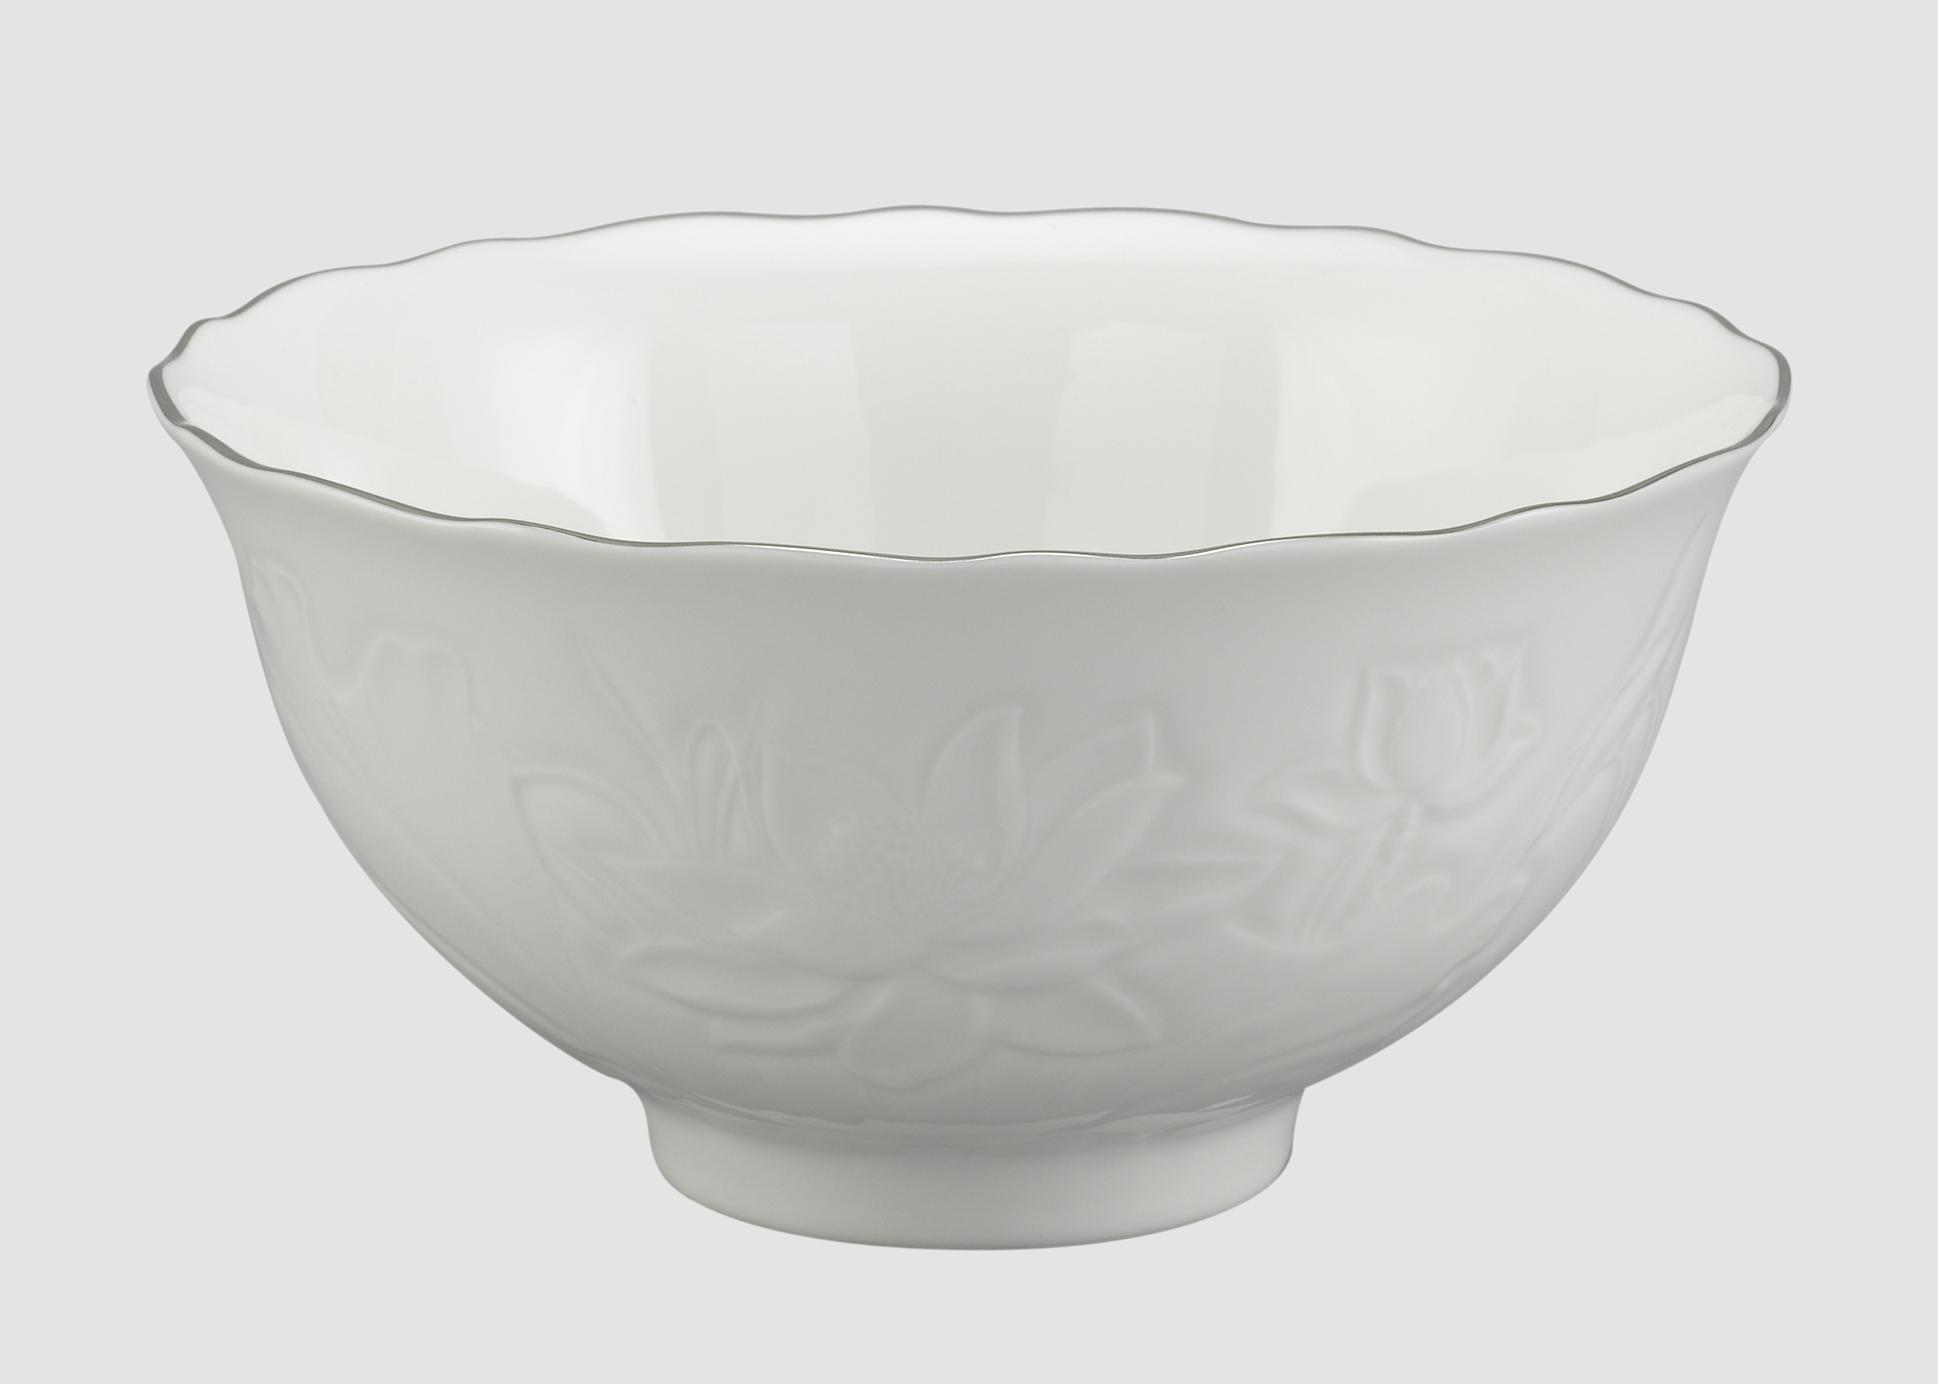 Tô 16cm Sen IFP Chỉ Bạch Kim 071698043 Minh Long